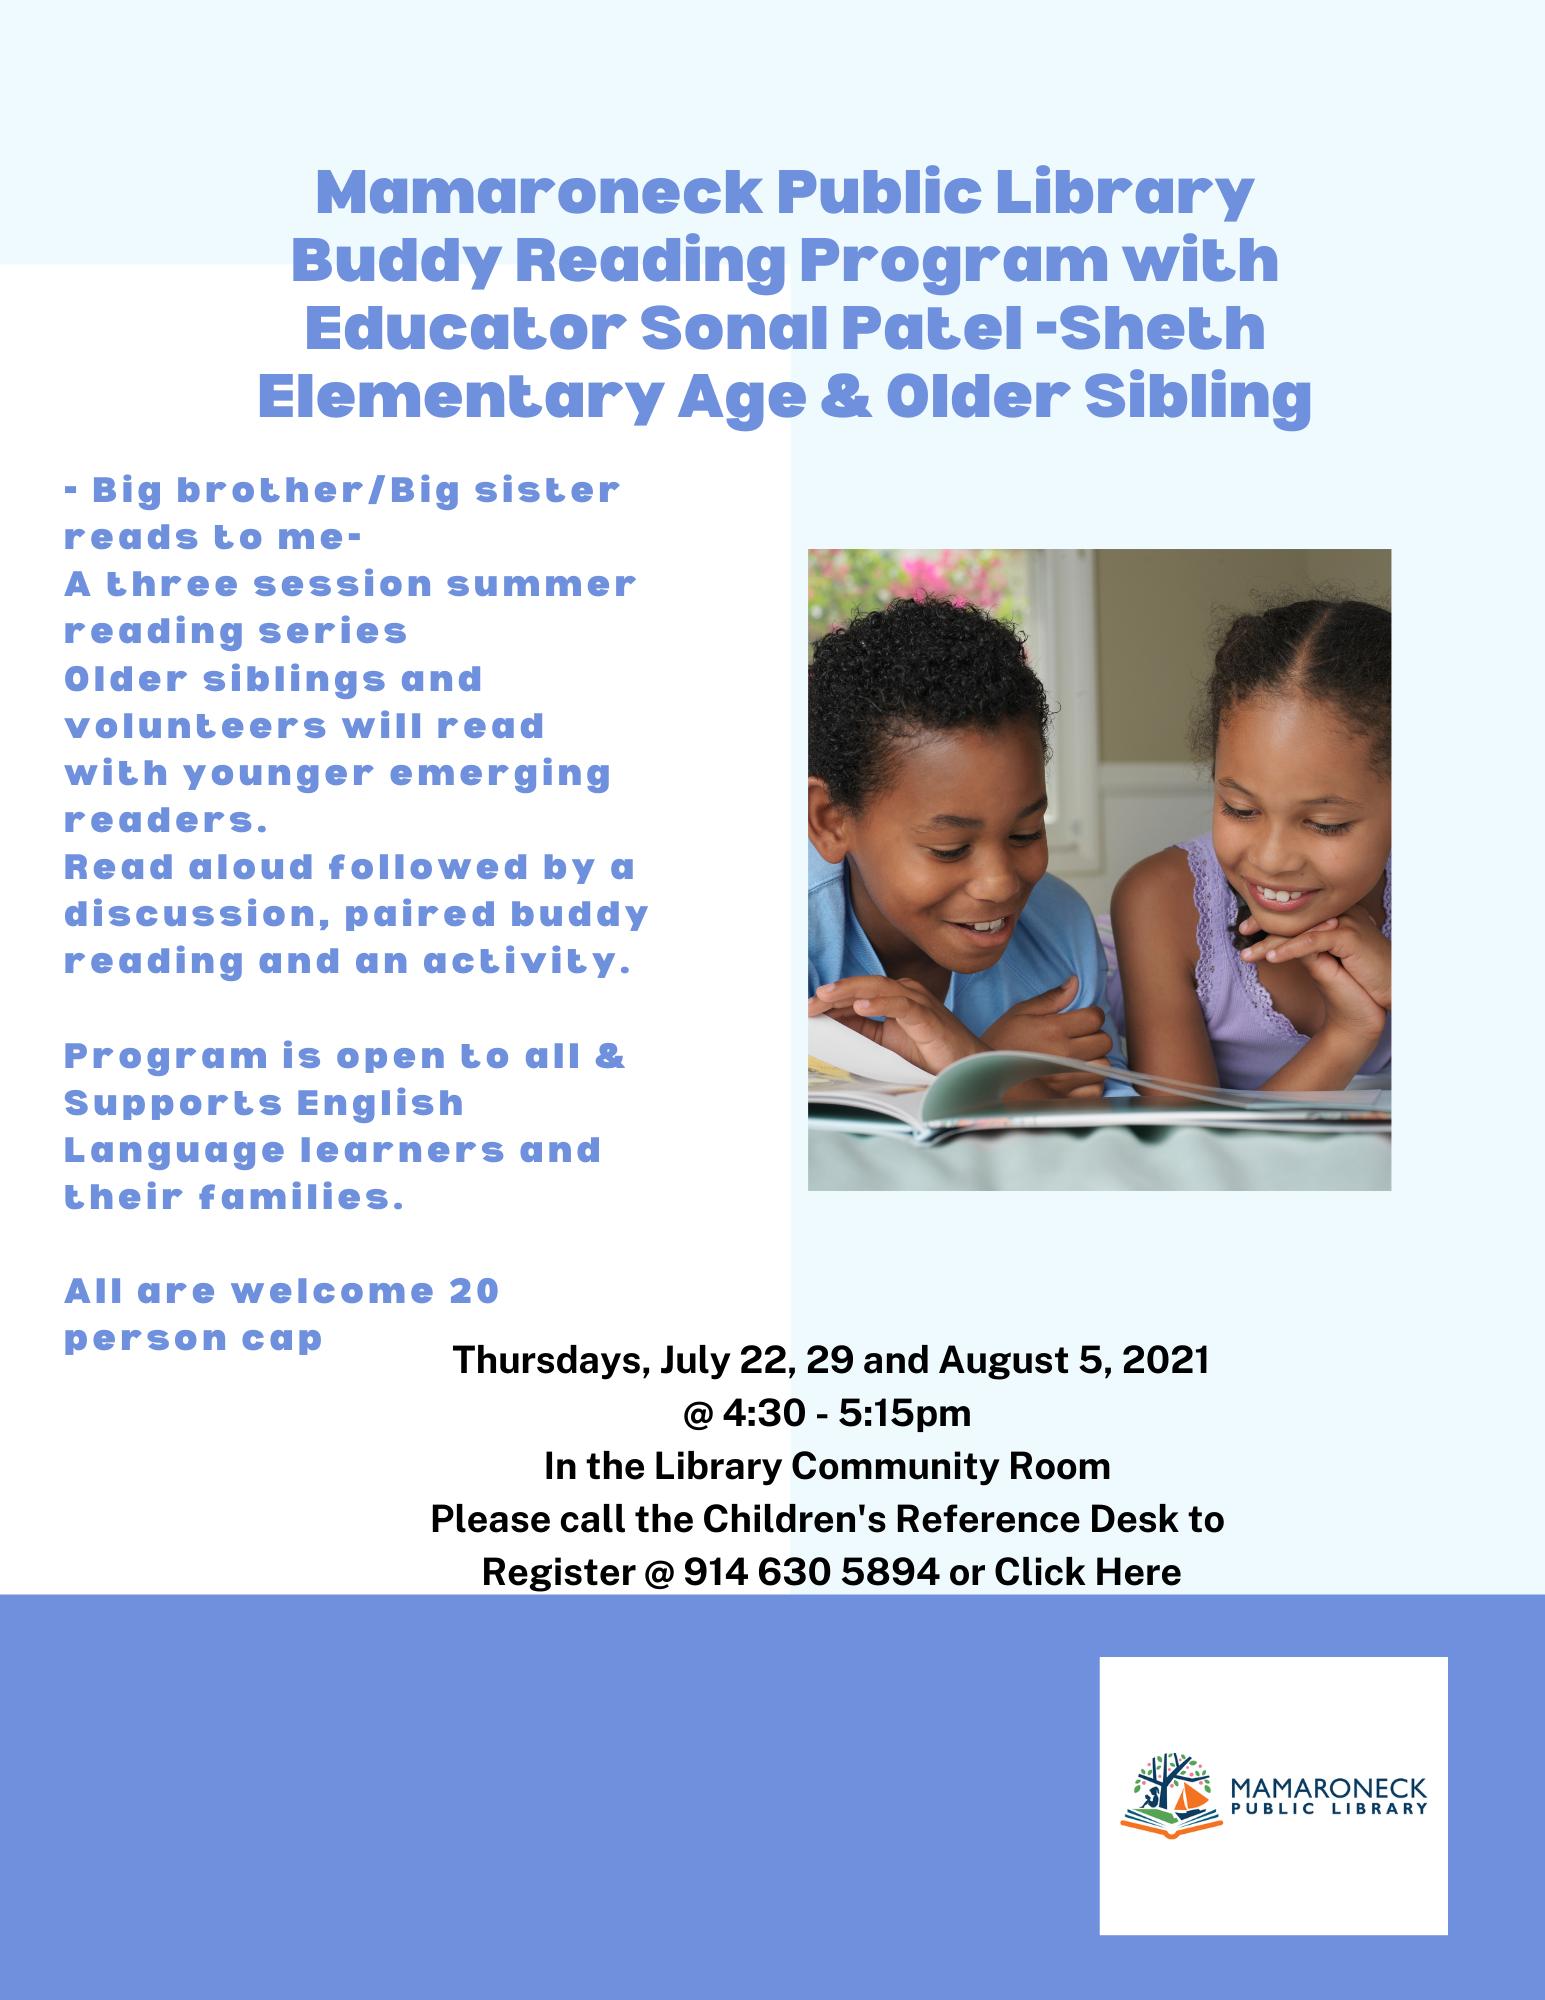 Children's Reading buddy program for school age children